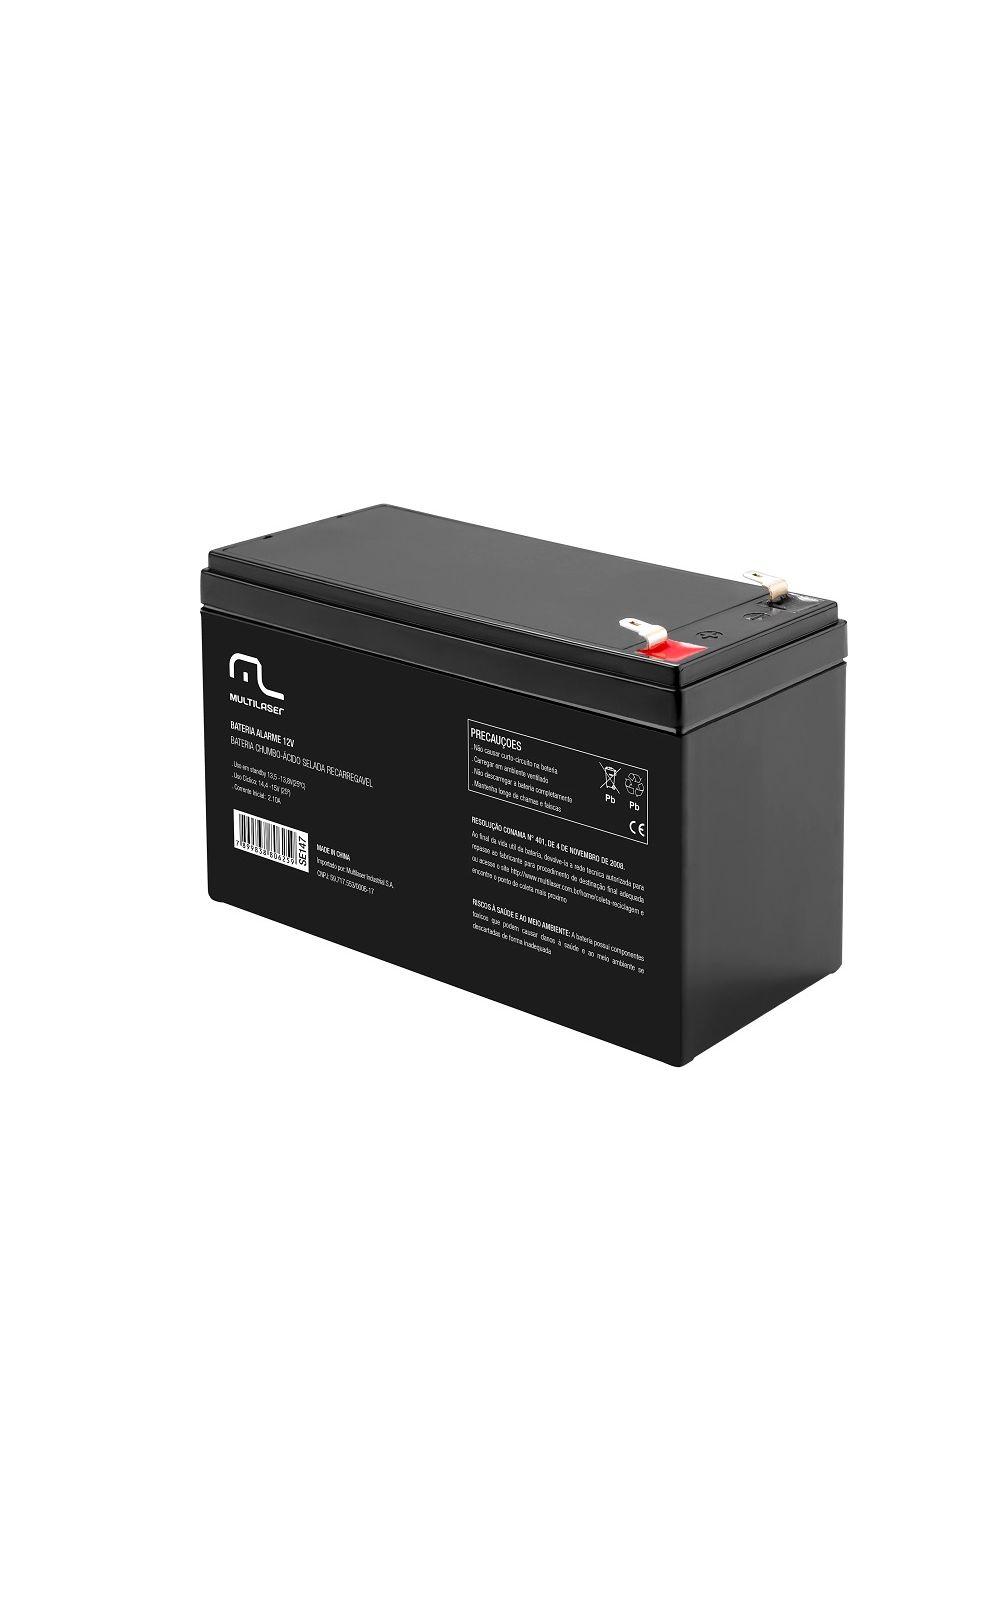 Foto 1 - Bateria estacionária carregador p/ alarme e cerca elétrica 12v - Multilaser - SE147